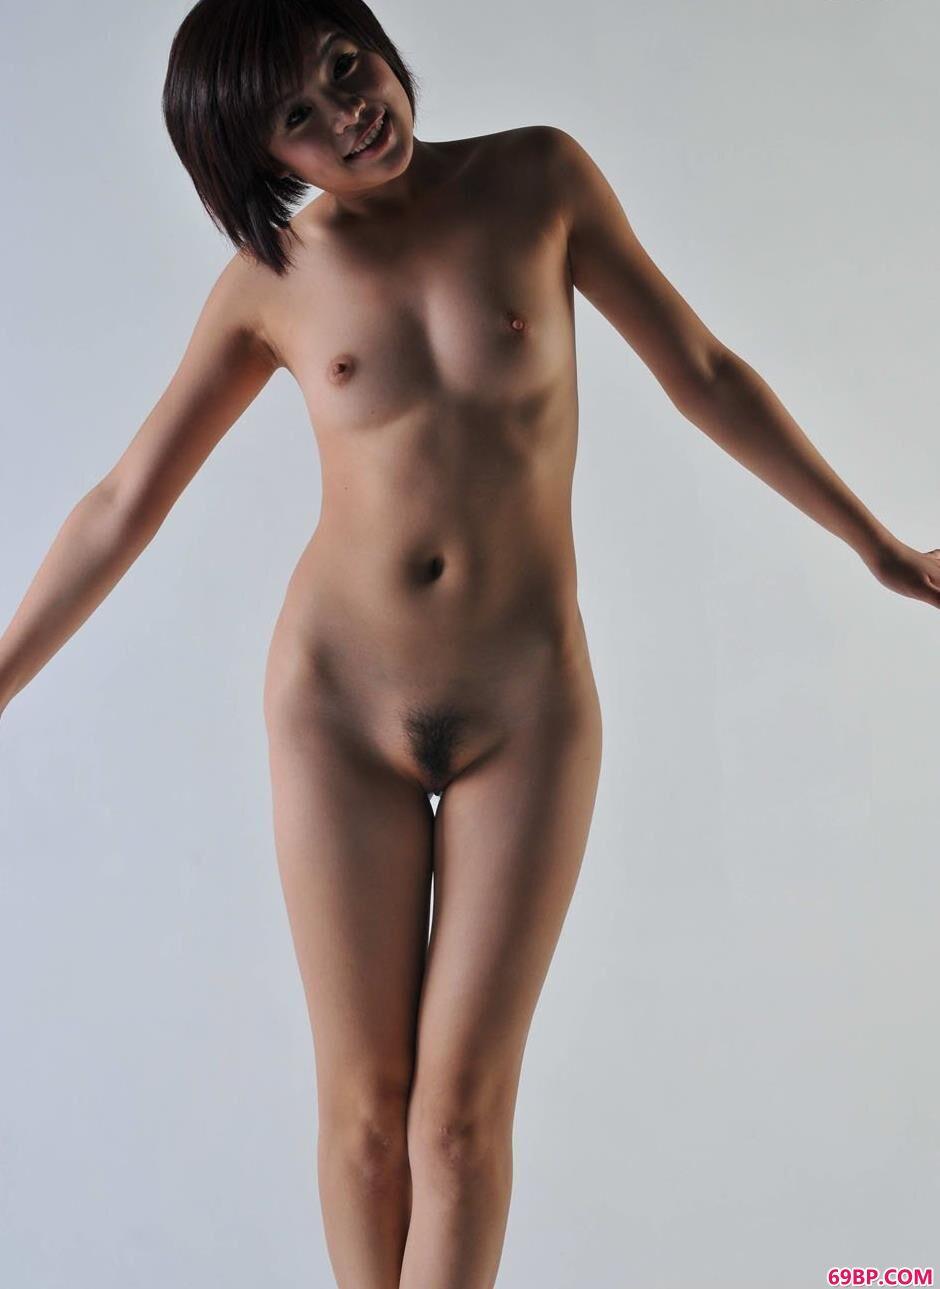 国模薛婧_妹子菲林写真棚里的娇嫩人体1